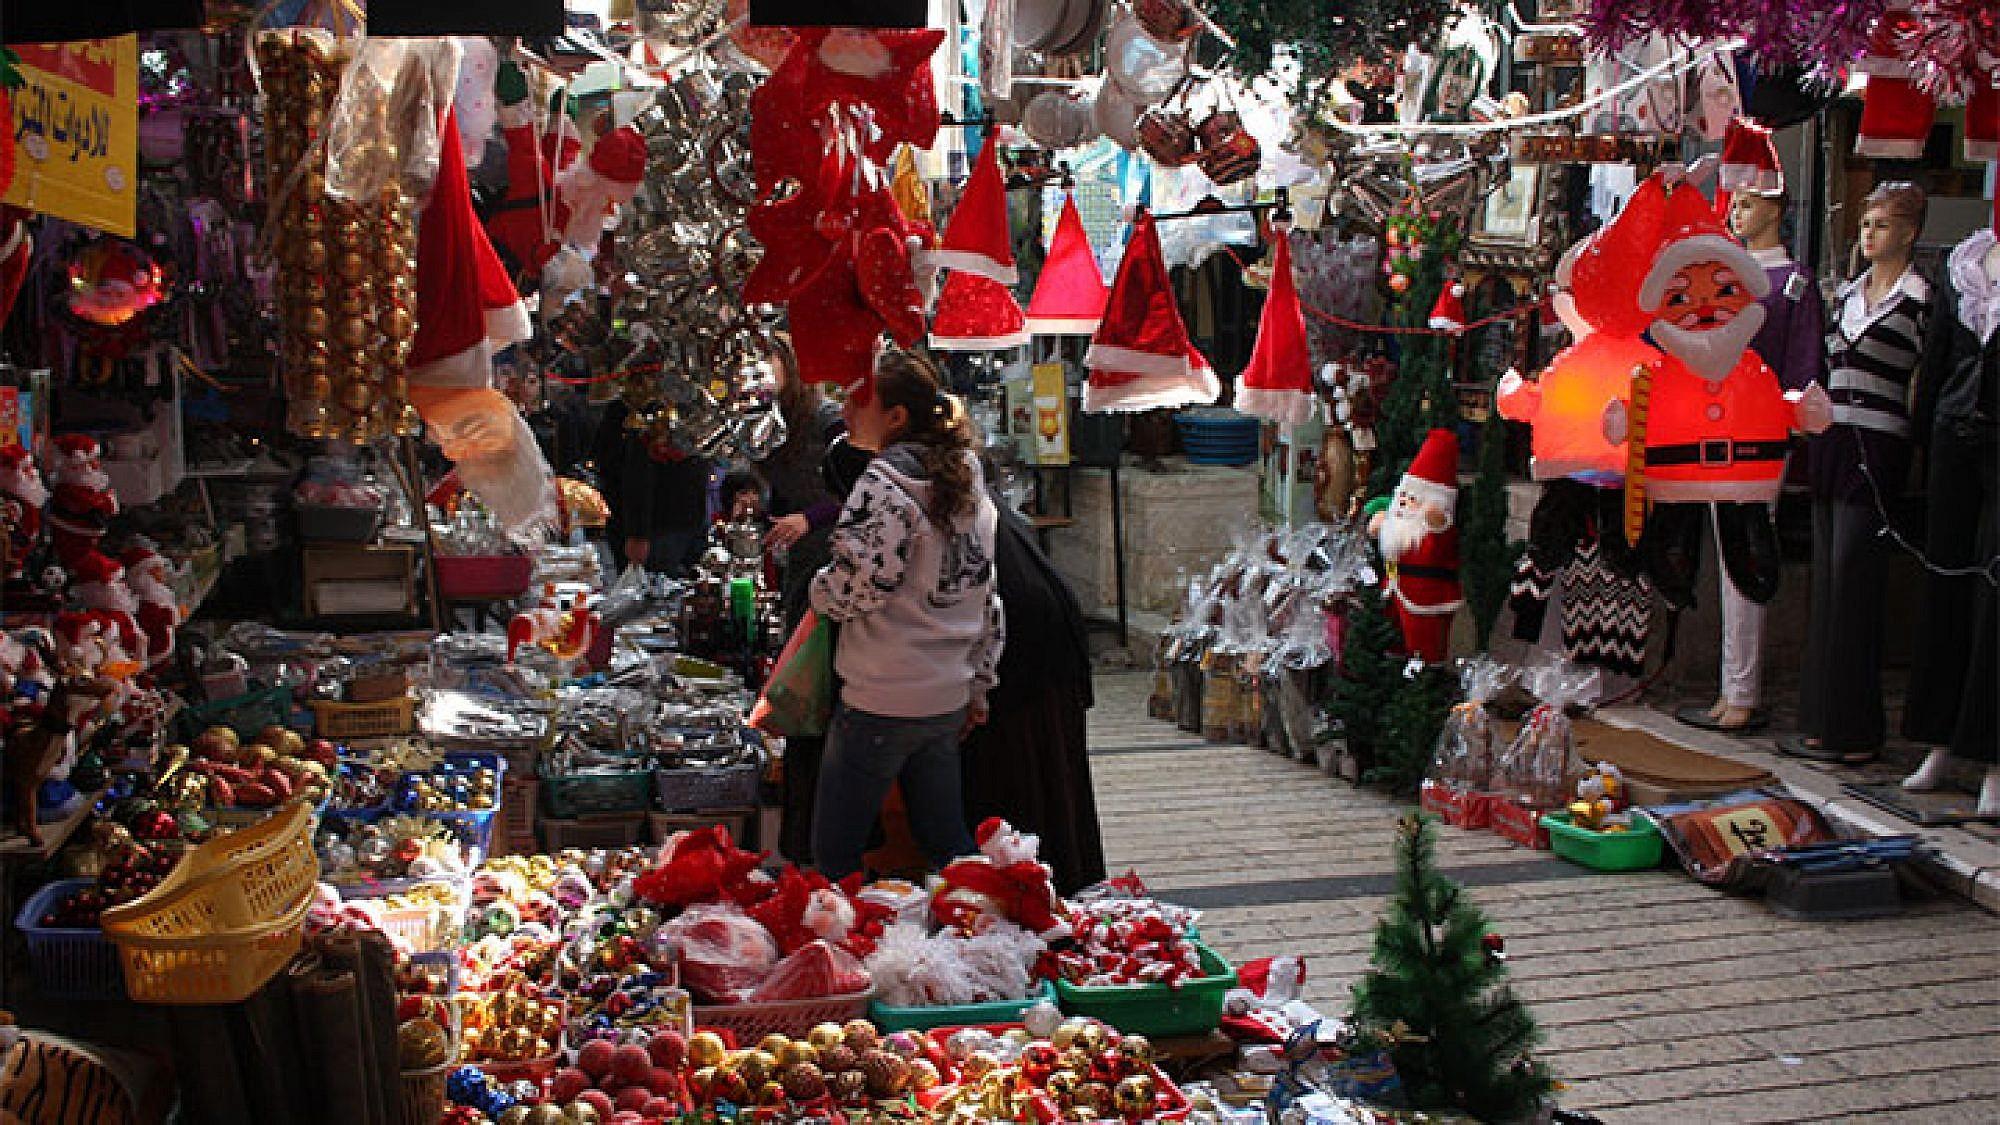 השוק הססגוני של נצרת באווירת חג המולד. צילום: אורלי גנוסר